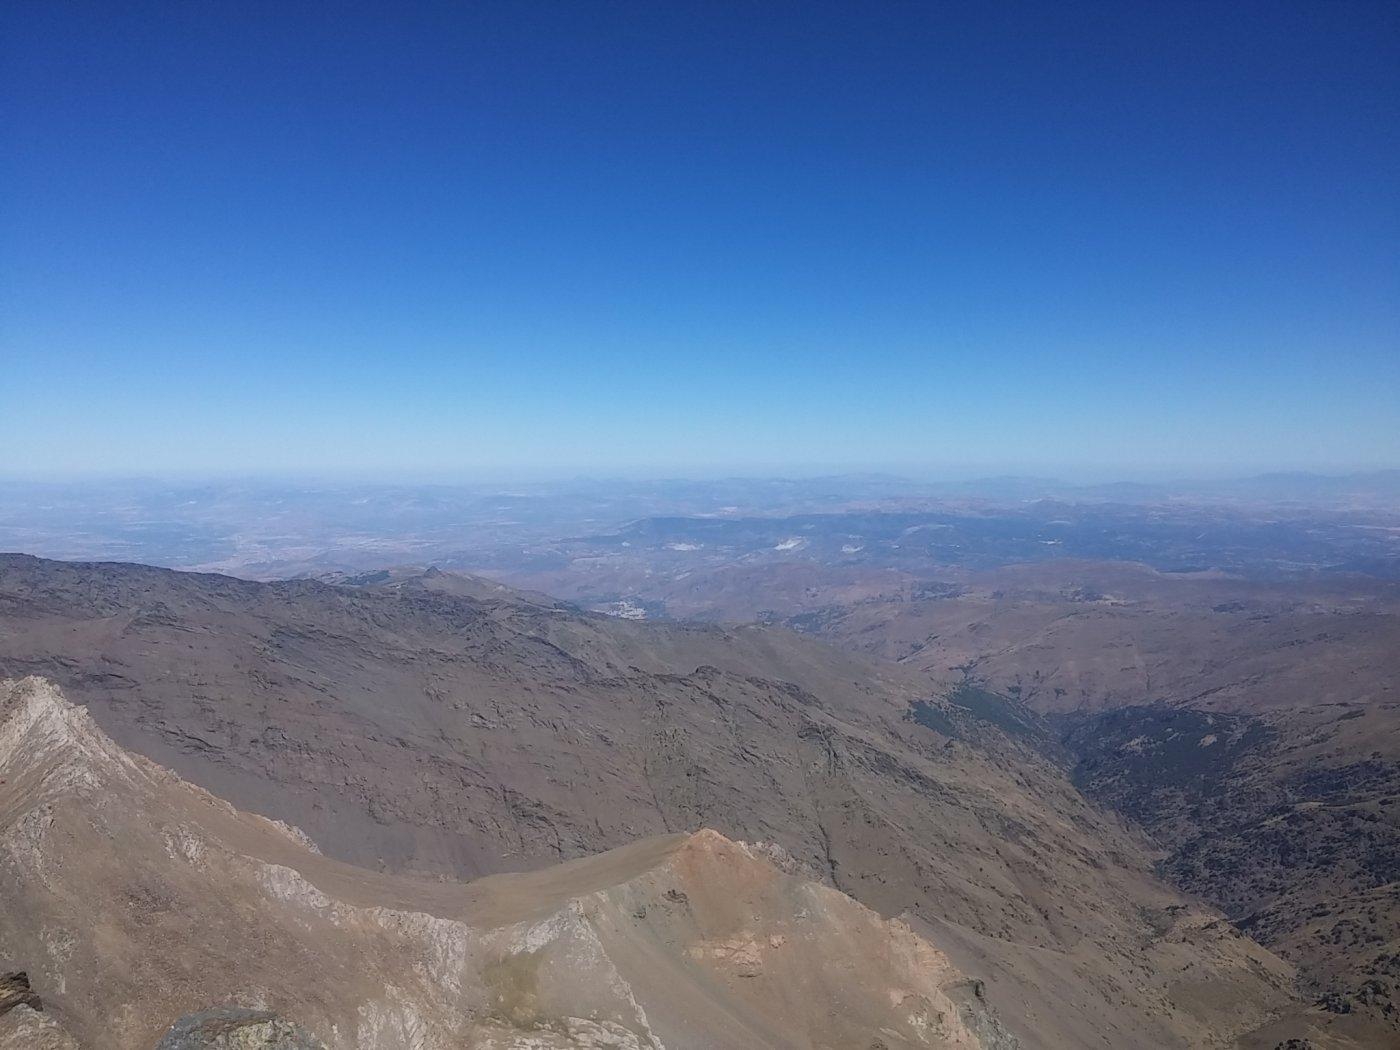 La piana di Granada dalla punta del Mulhacen